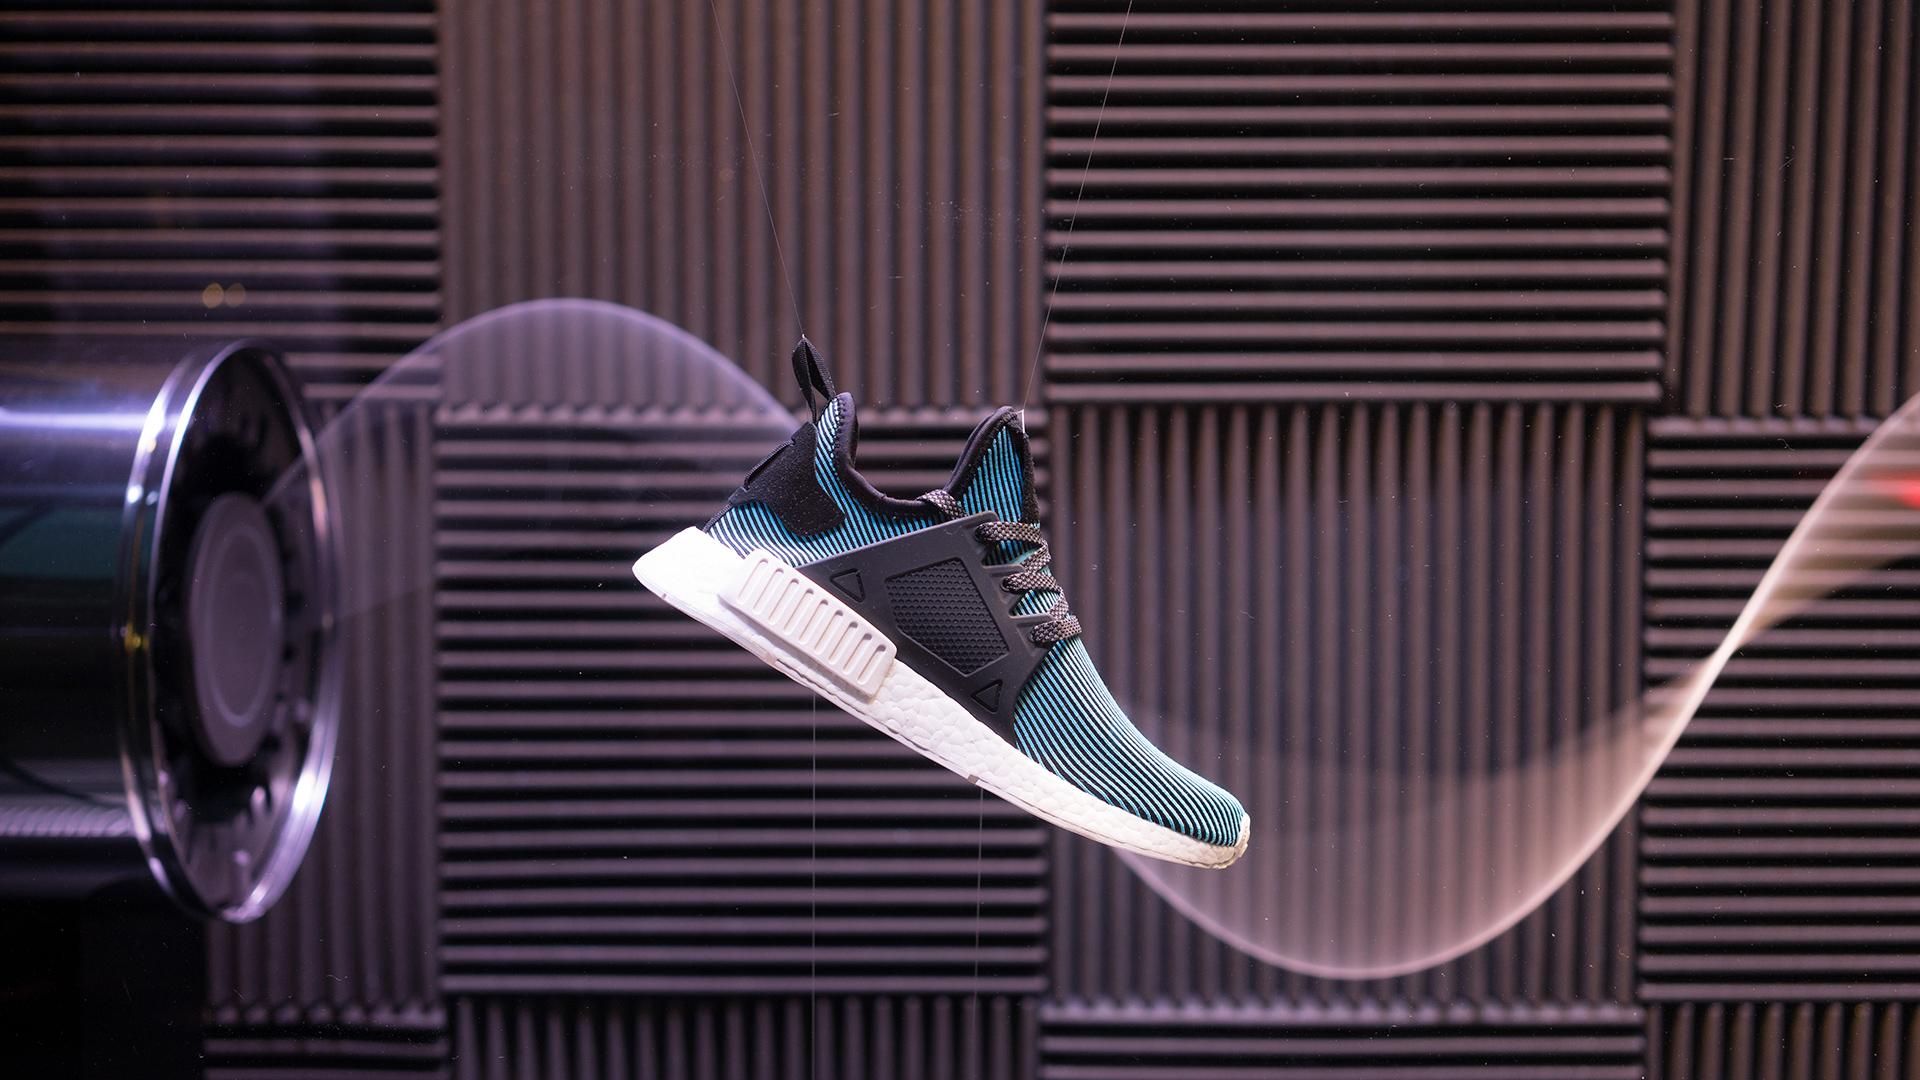 Adidas NMD shoe | installation